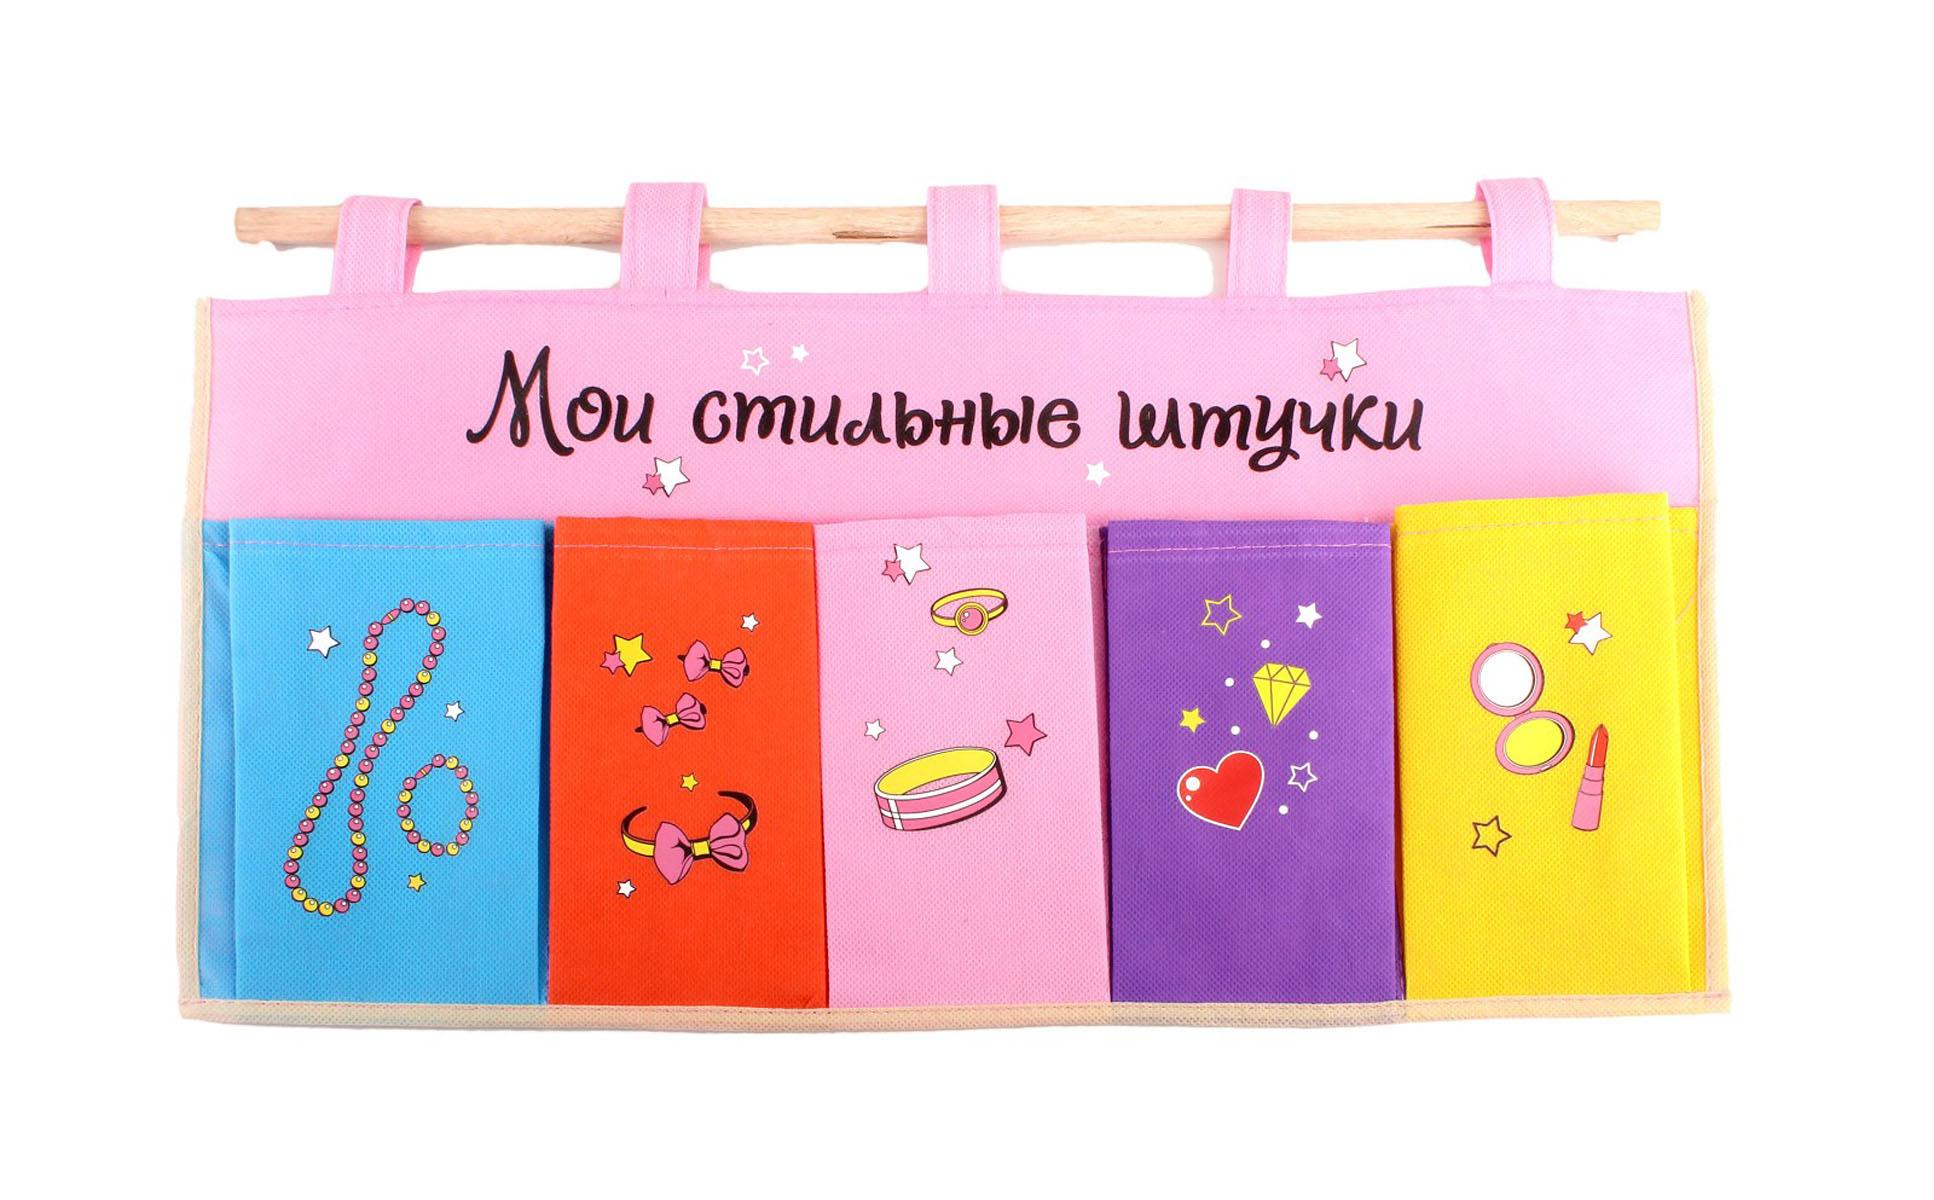 Кармашки на стену Sima-land Мои стильные штучки, цвет: розовый, синий, красный, 5 шт670605Кармашки на стену Sima-land «Мои стильные штучки», изготовленные из текстиля, предназначены для хранения необходимых вещей, множества мелочей в гардеробной, ванной, детской комнатах. Изделие представляет собой текстильное полотно с пятью пришитыми кармашками. Благодаря деревянной планке и шнурку, кармашки можно подвесить на стену или дверь в необходимом для вас месте. Кармашки декорированы изображениями бус, колечек, зеркальца и надписью «Мои стильные штучки». Этот нужный предмет может стать одновременно и декоративным элементом комнаты. Яркий дизайн, как ничто иное, способен оживить интерьер вашего дома.